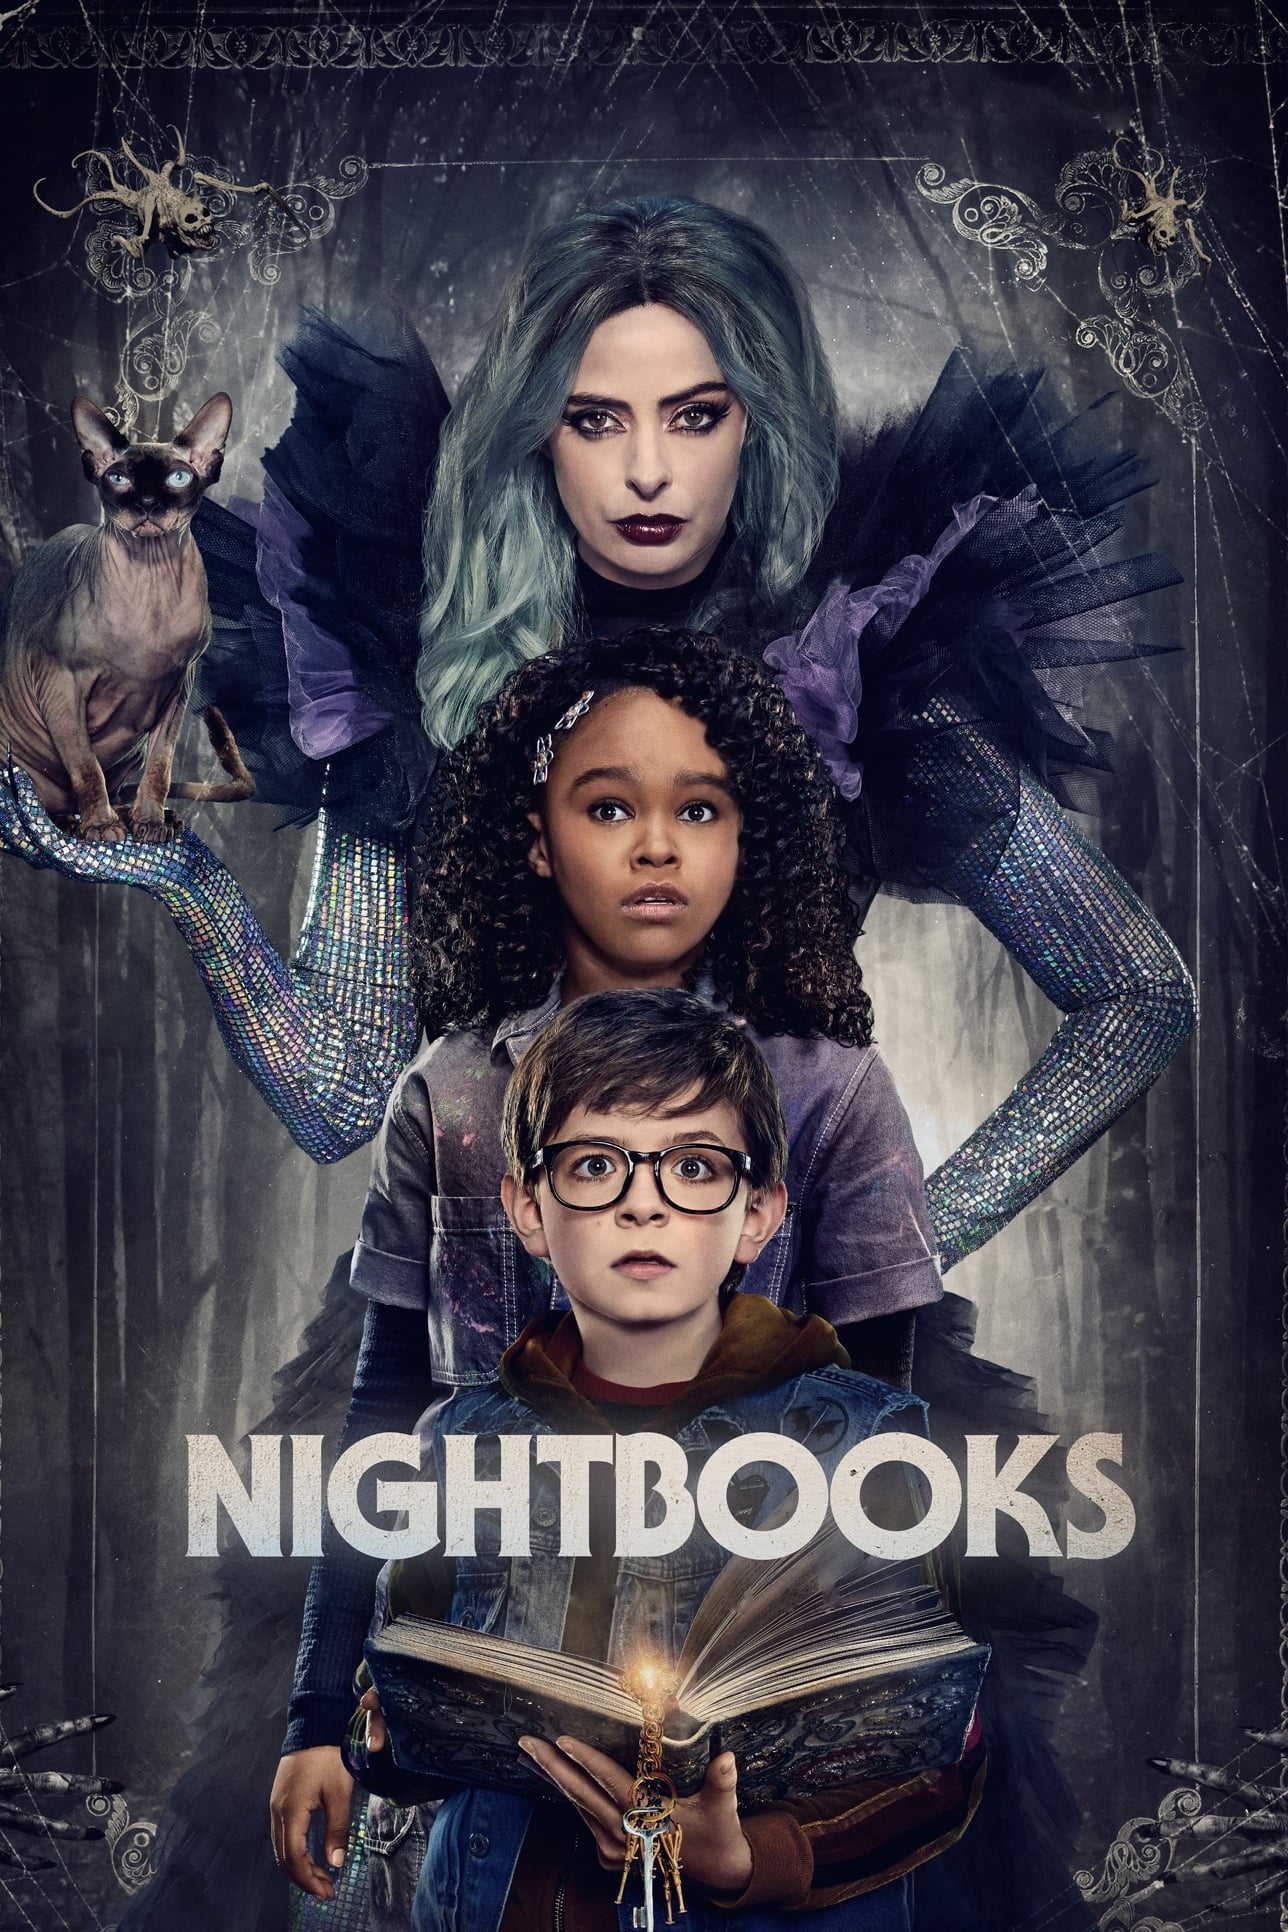 ღამის წიგნაკები / Nightbooks